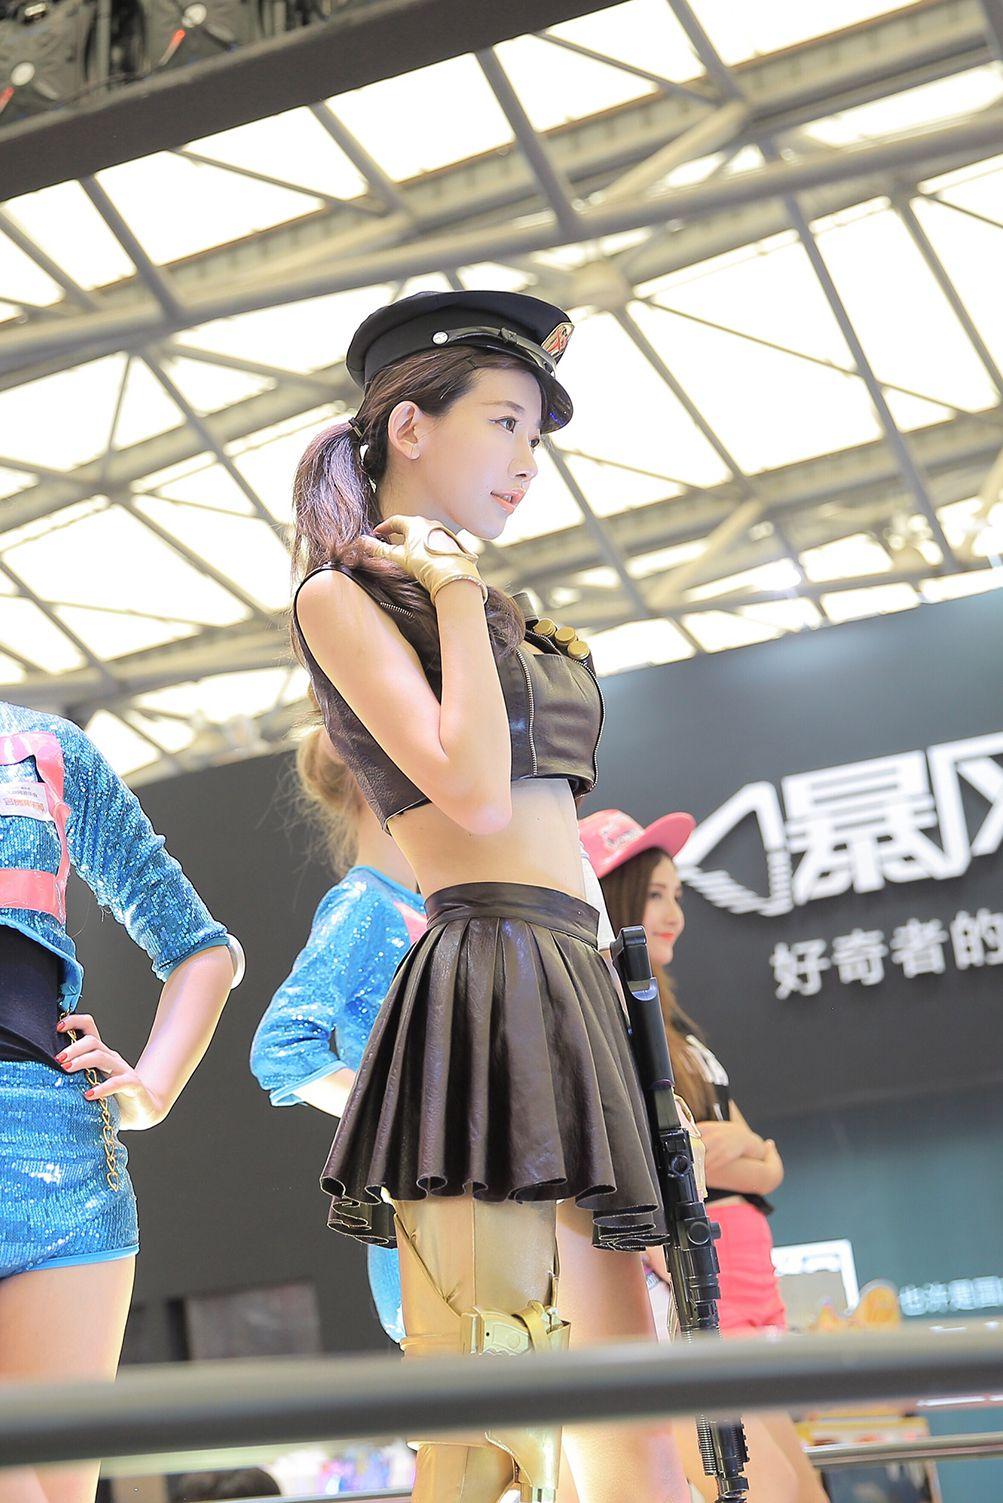 VOL.1782 [台湾正妹]可爱美少女妹子网红:陈潇(小林志玲)高品质写真套图(100P)